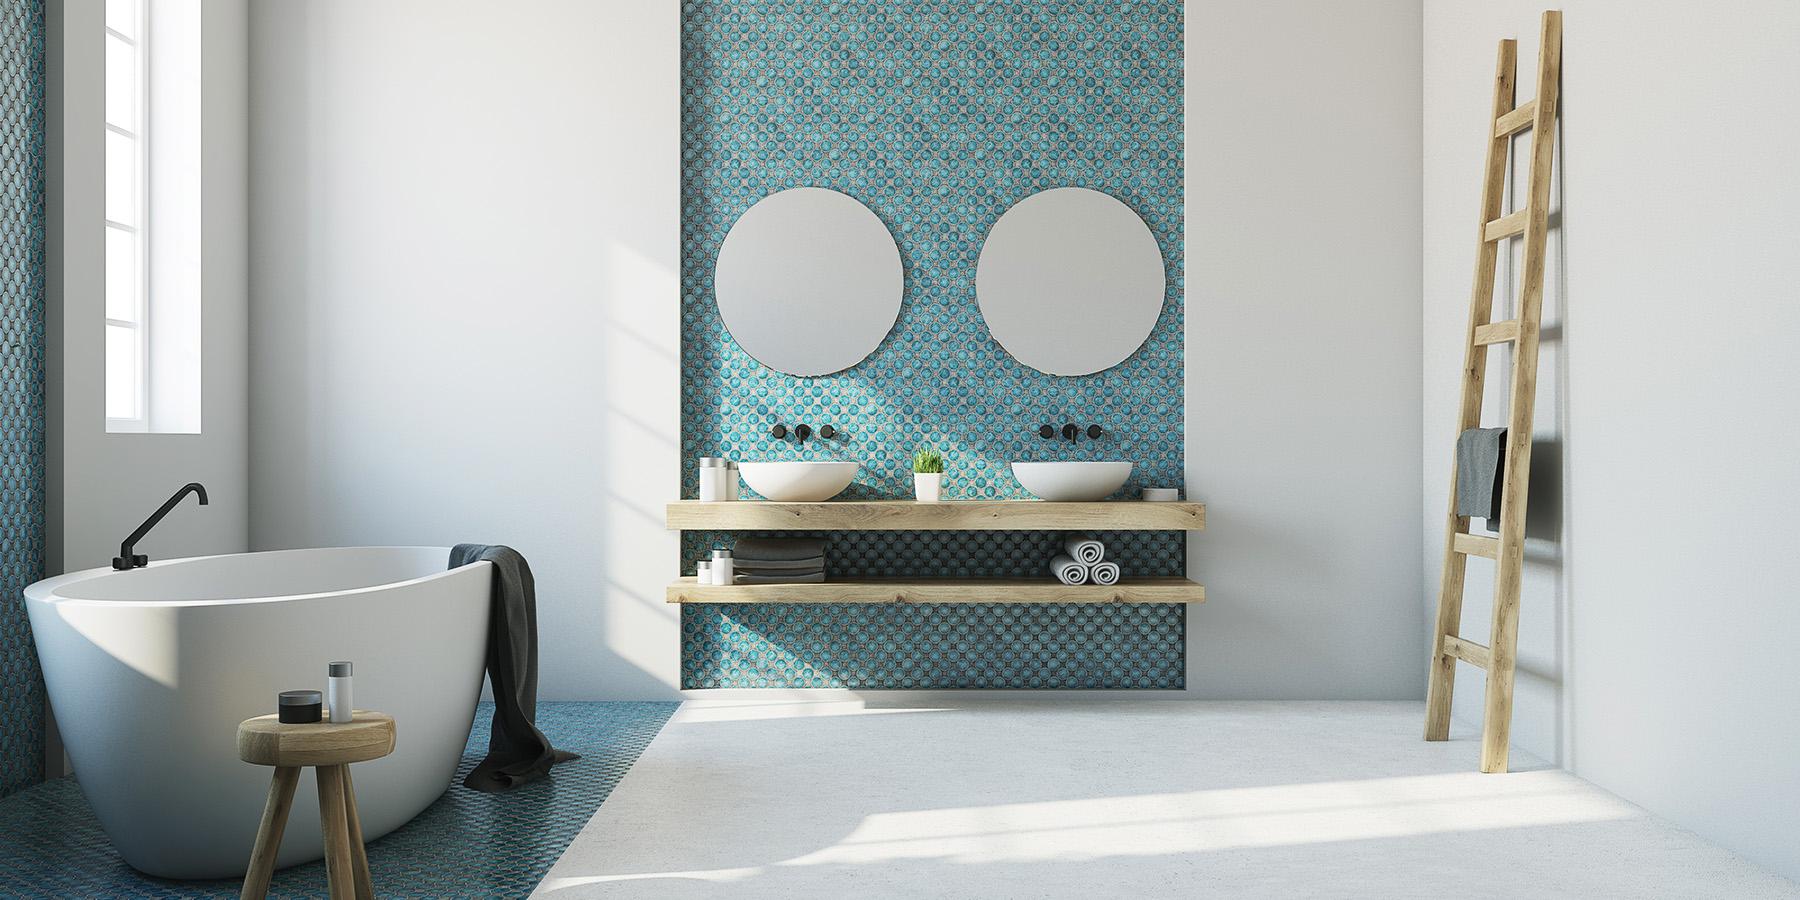 Absolut Bad Blog | Die schönsten Ideen für Ihr Badezimmer